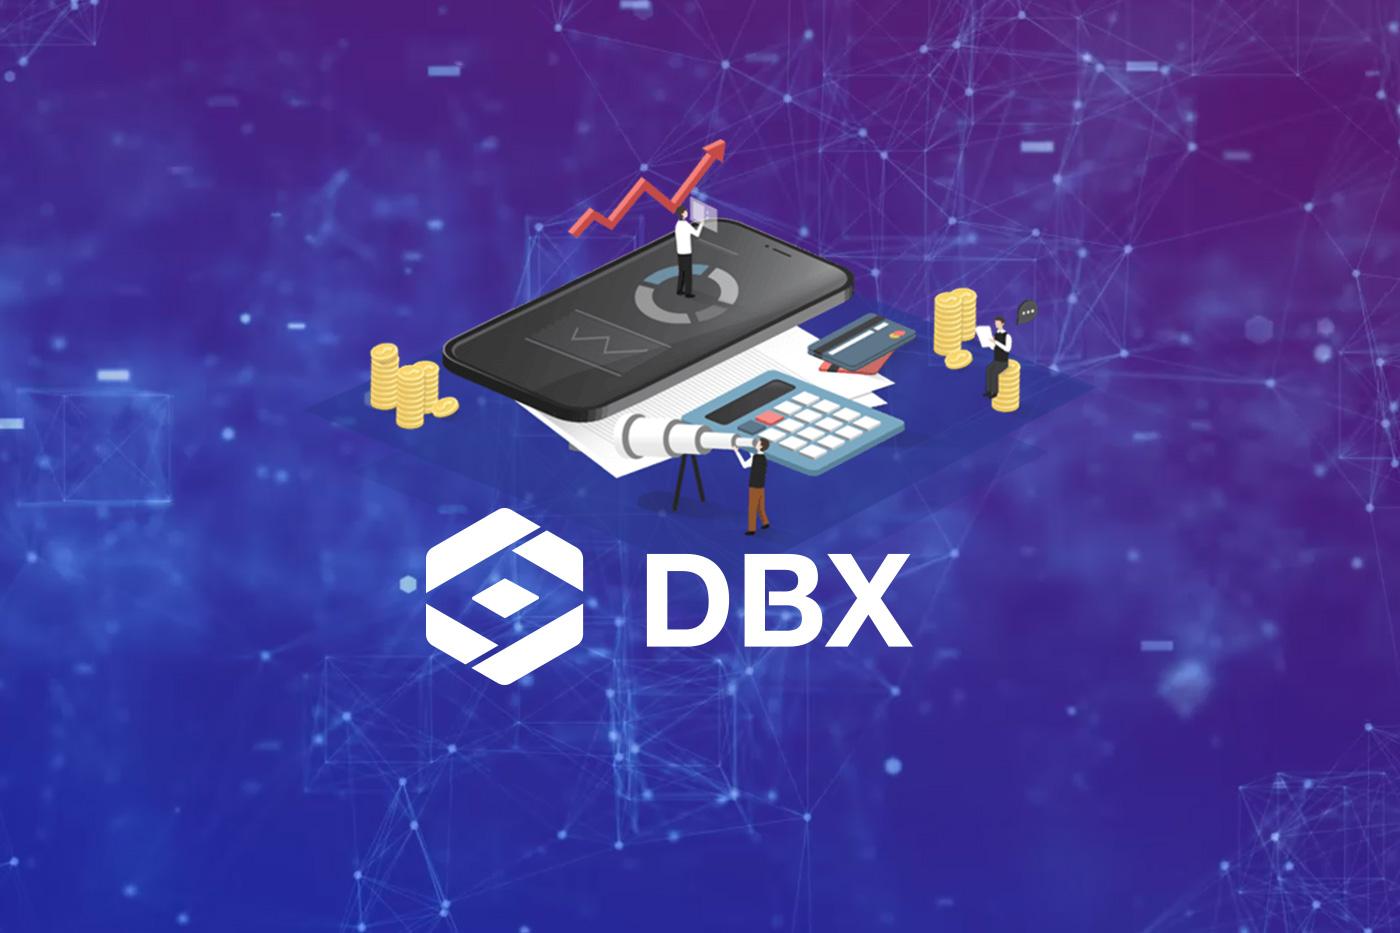 DBX One